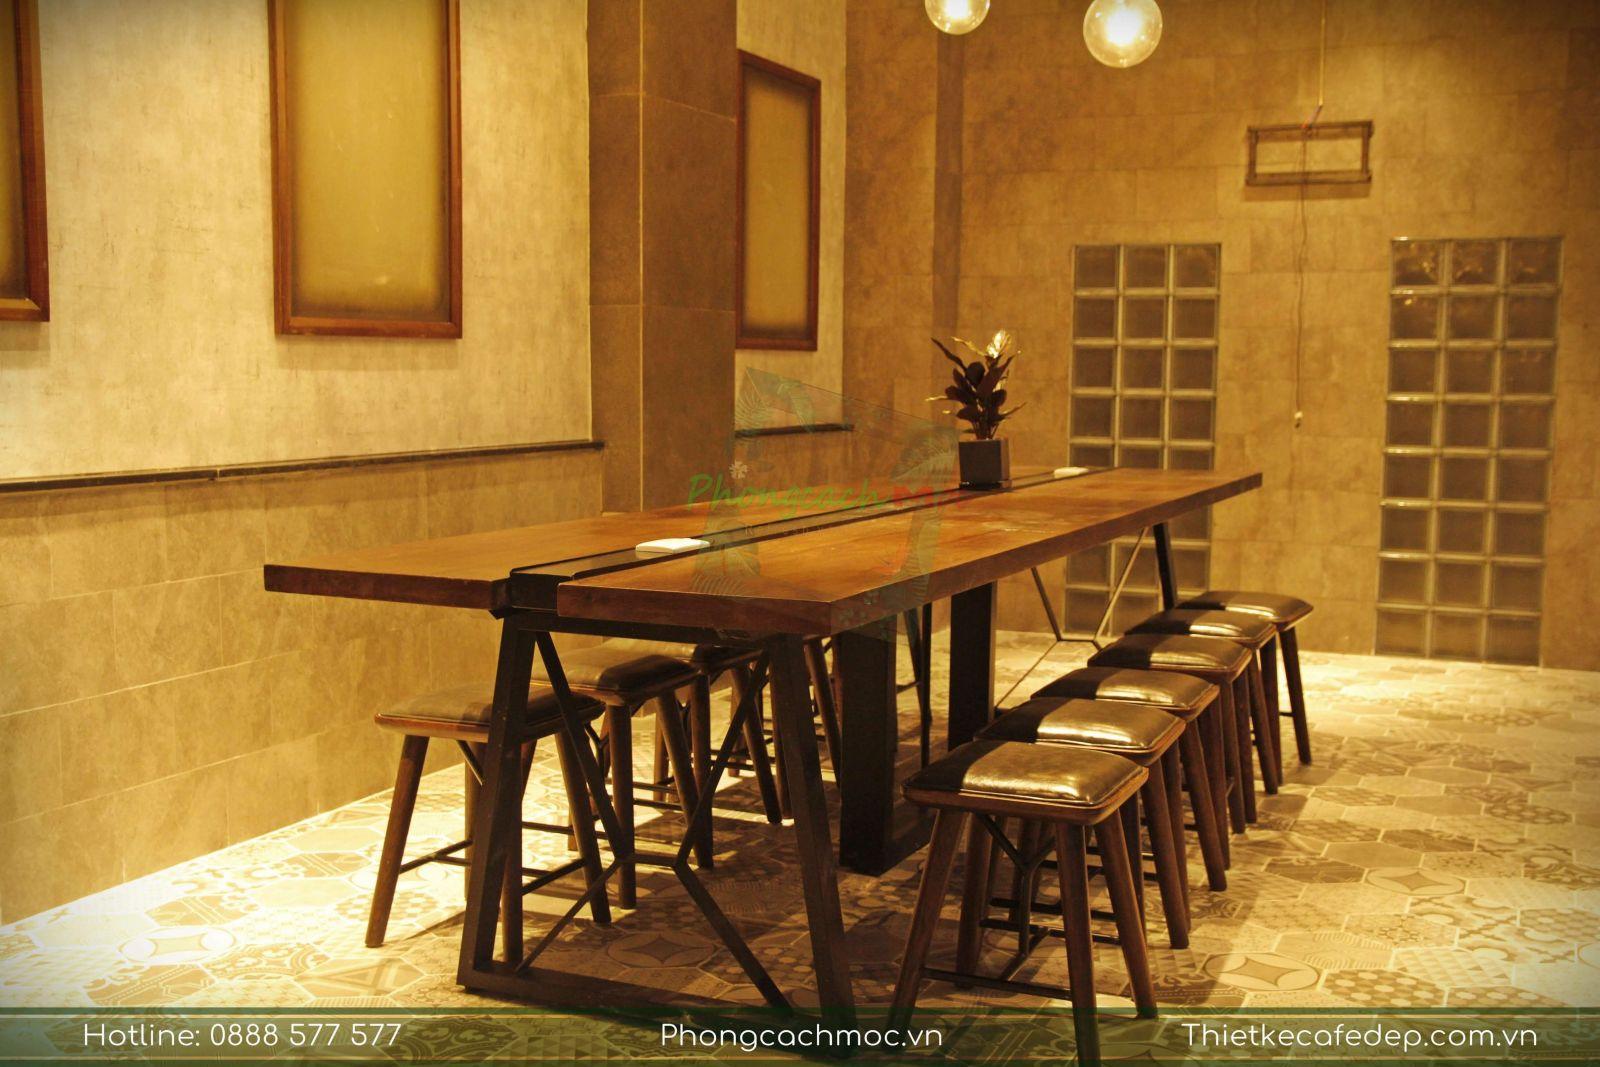 bộ bàn ghế vintage được bày trí nội thất quán cafe